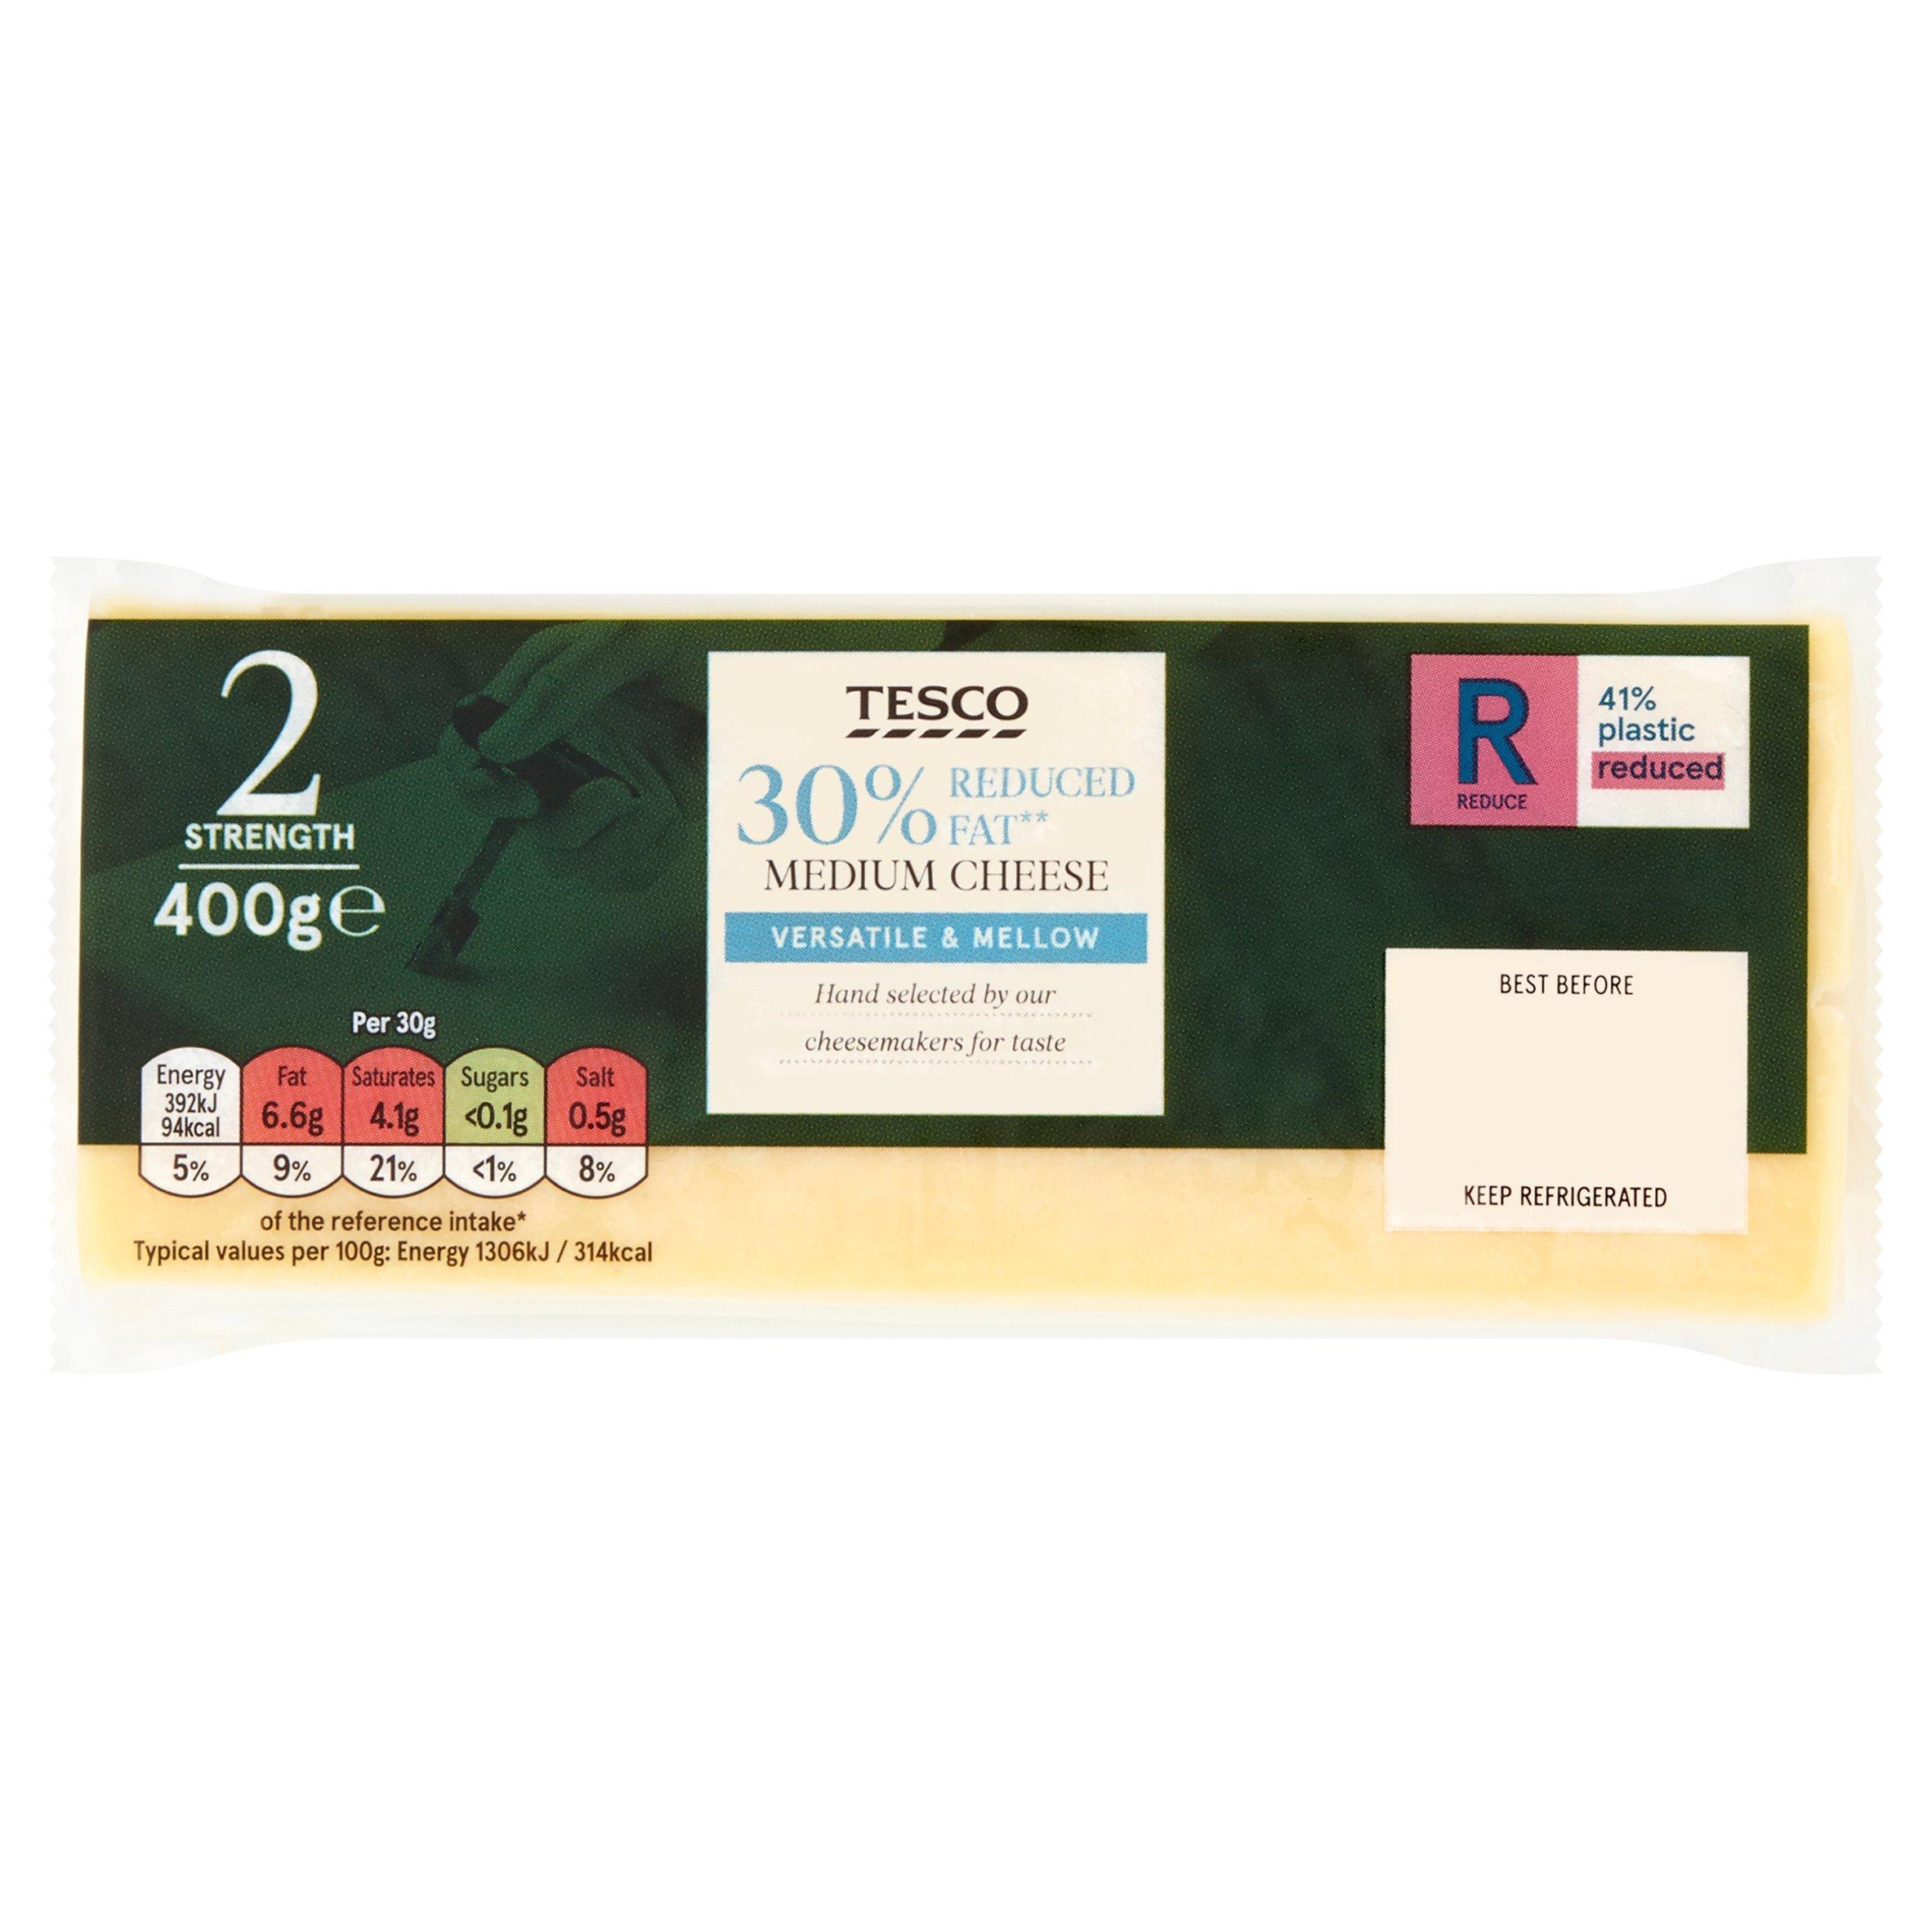 Tesco 30% Reduced Fat Medium Cheese 400G